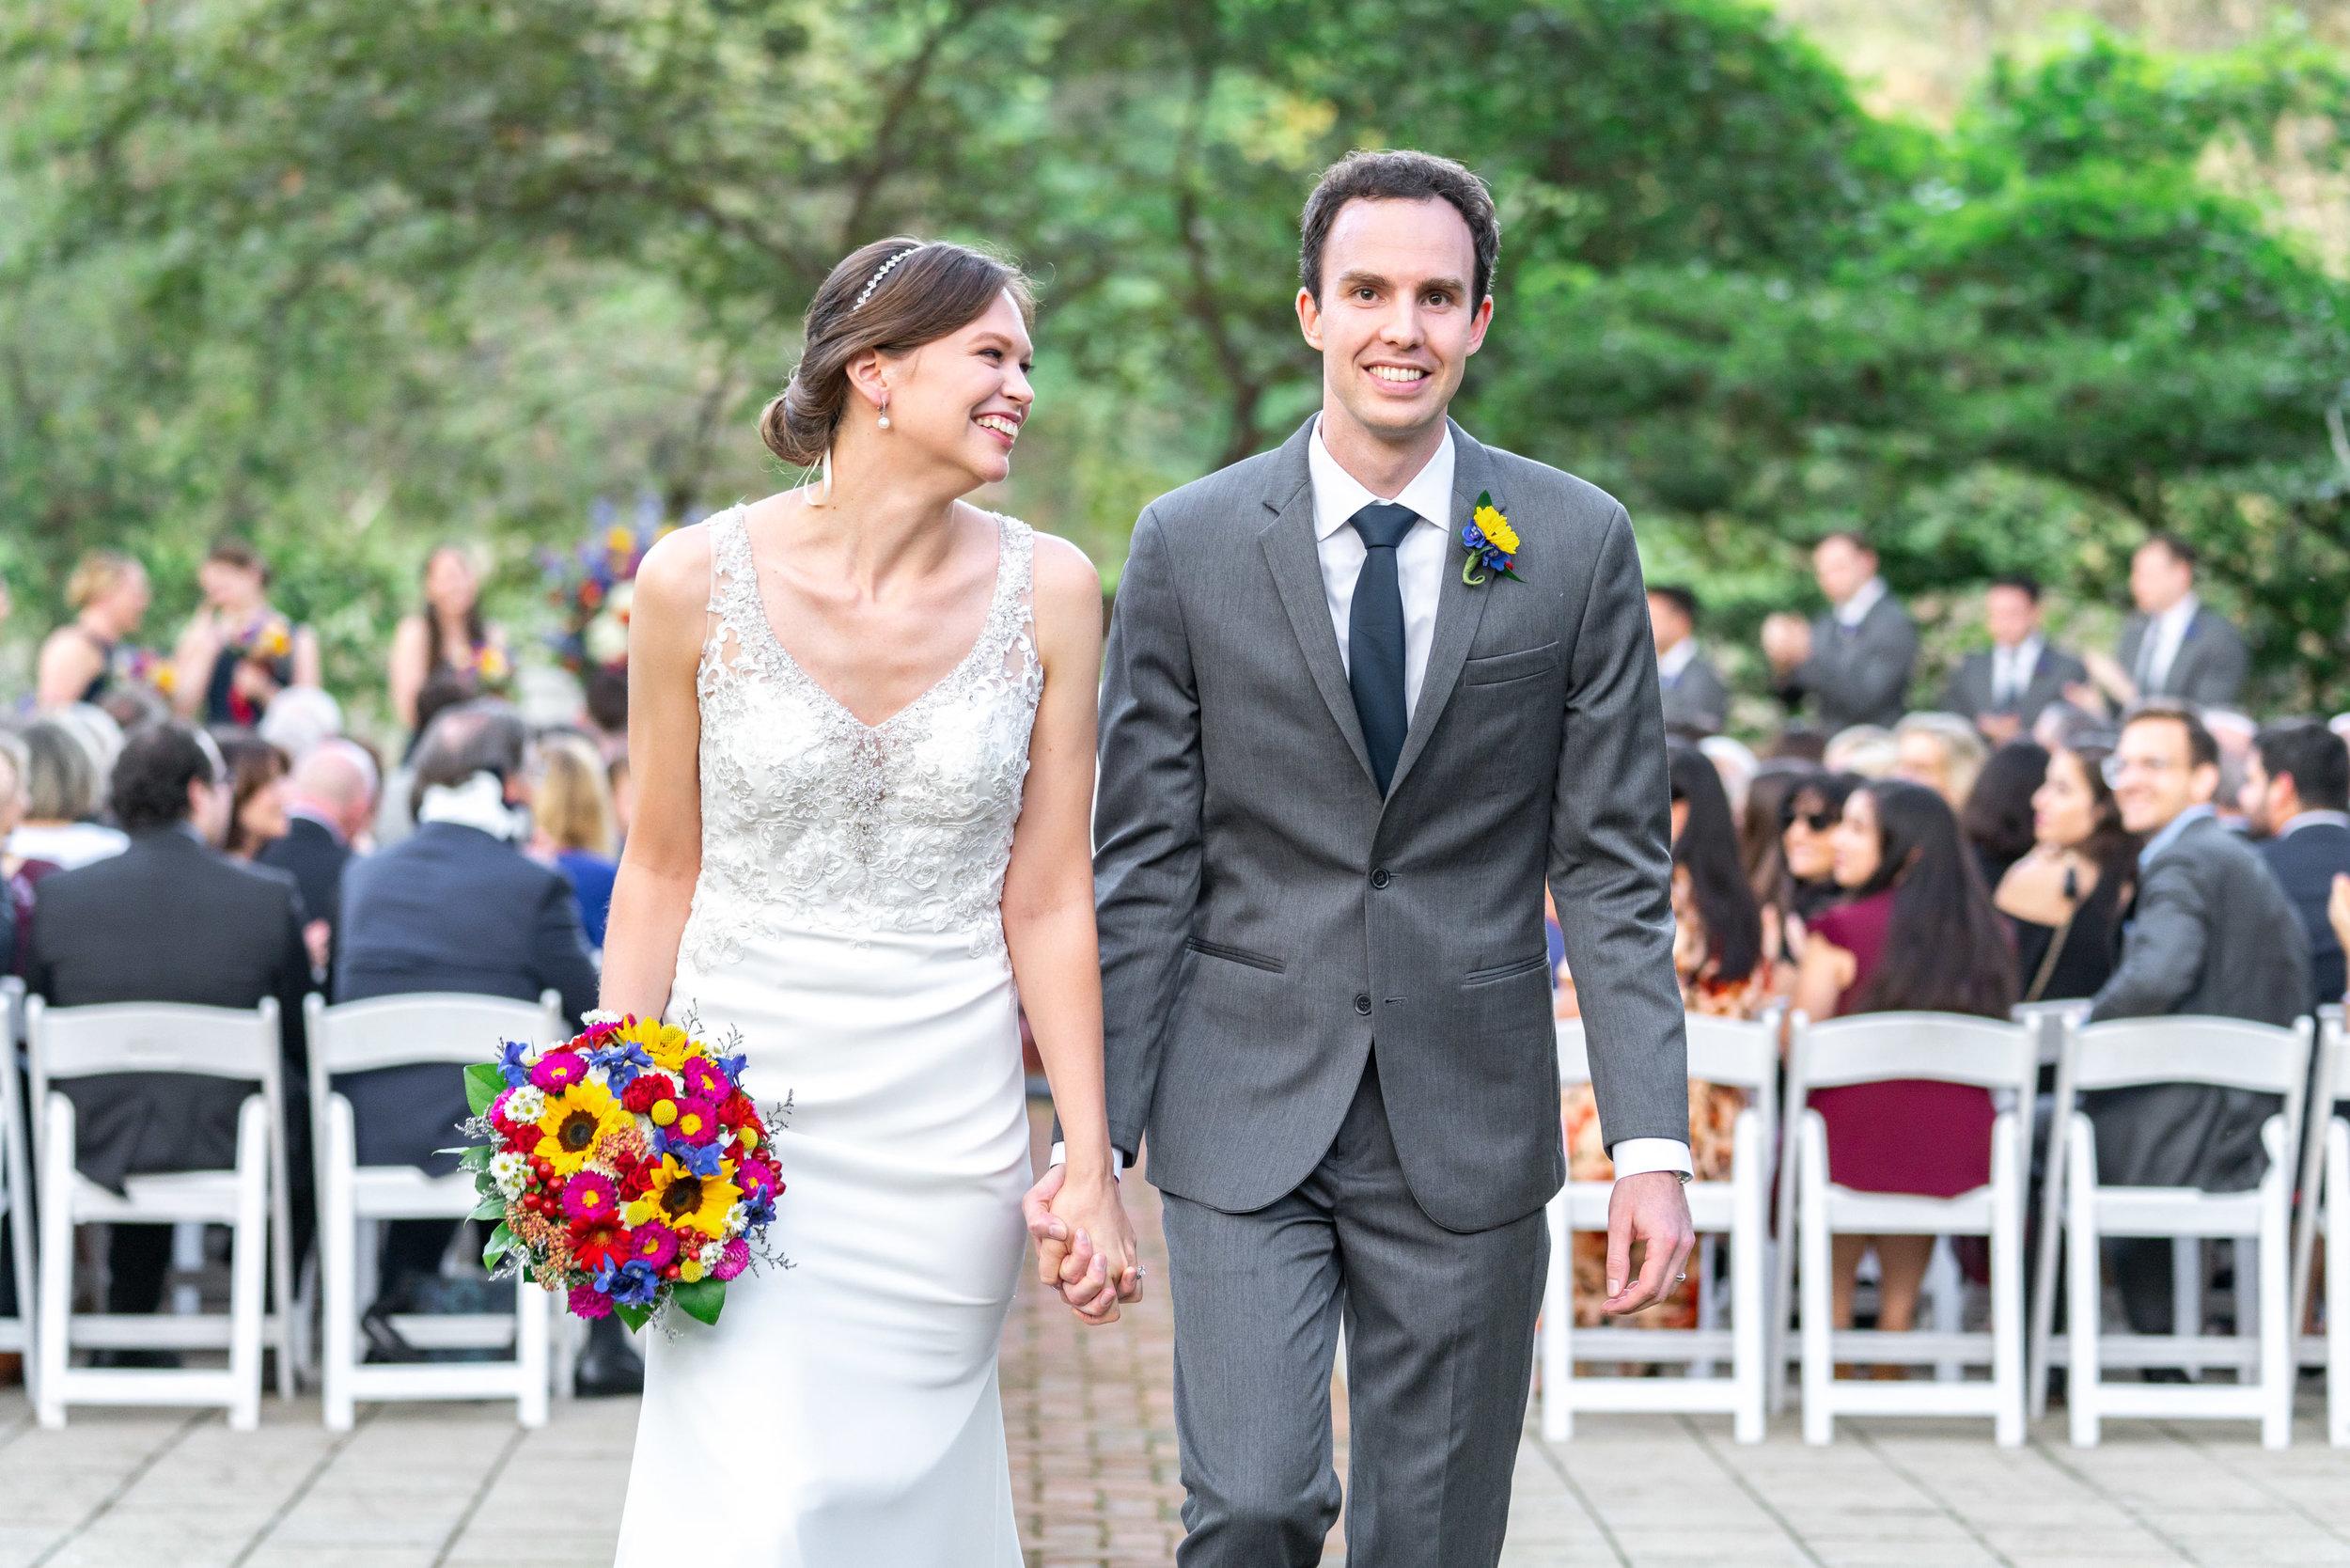 Bride and groom walking down the aisle at Elkridge Furnace Inn in Morilee Myka